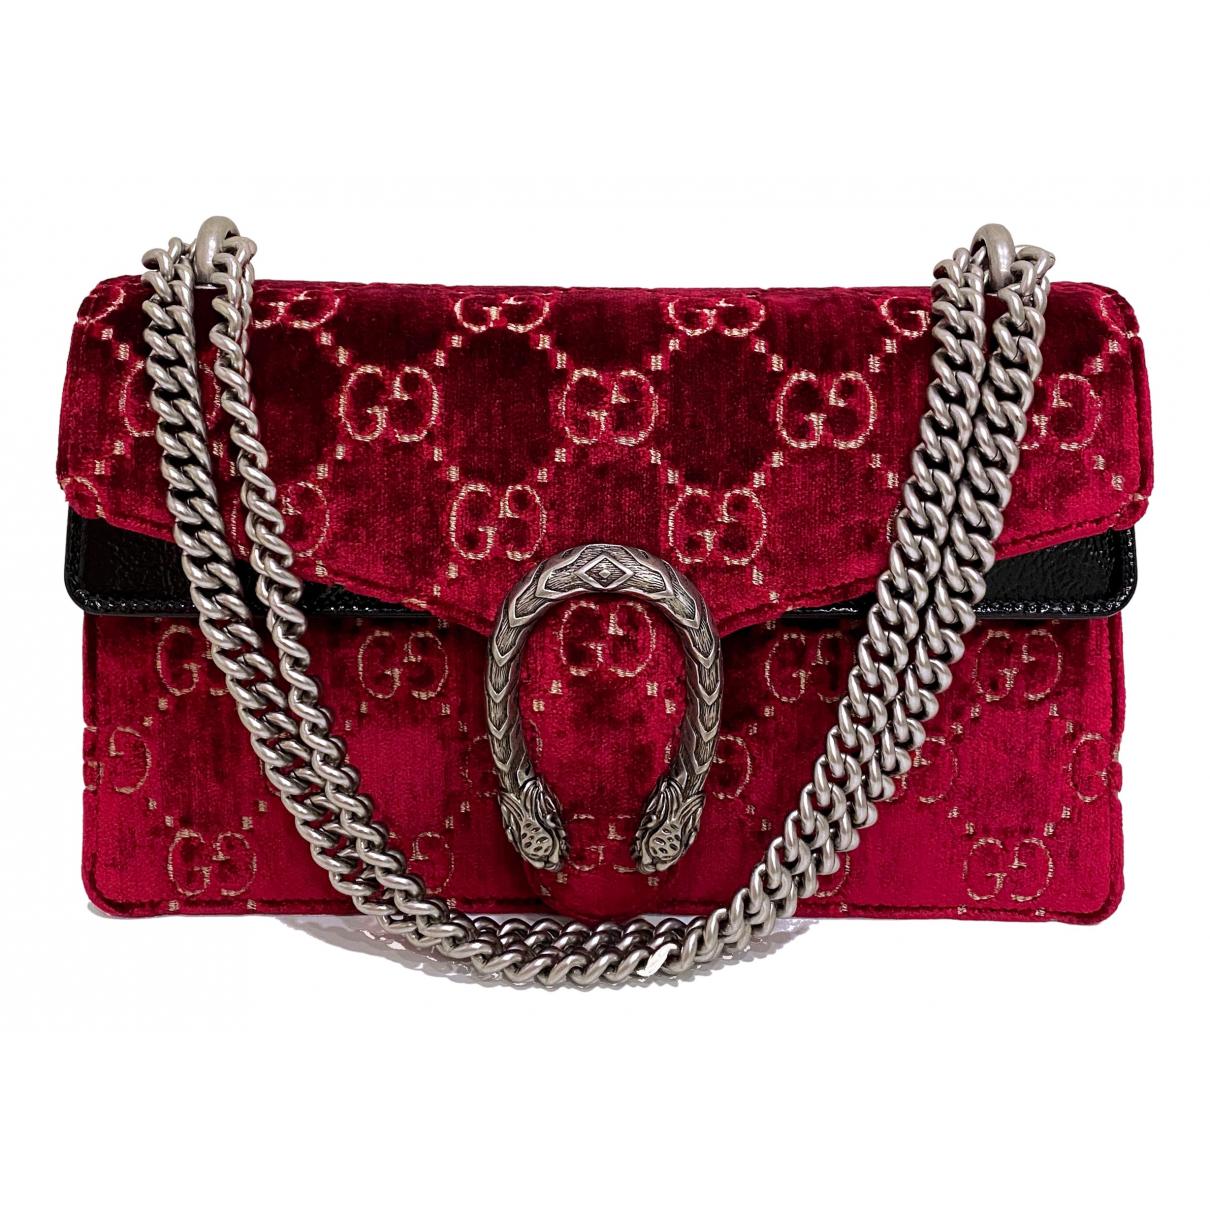 Gucci - Sac a main Dionysus pour femme en velours - rouge